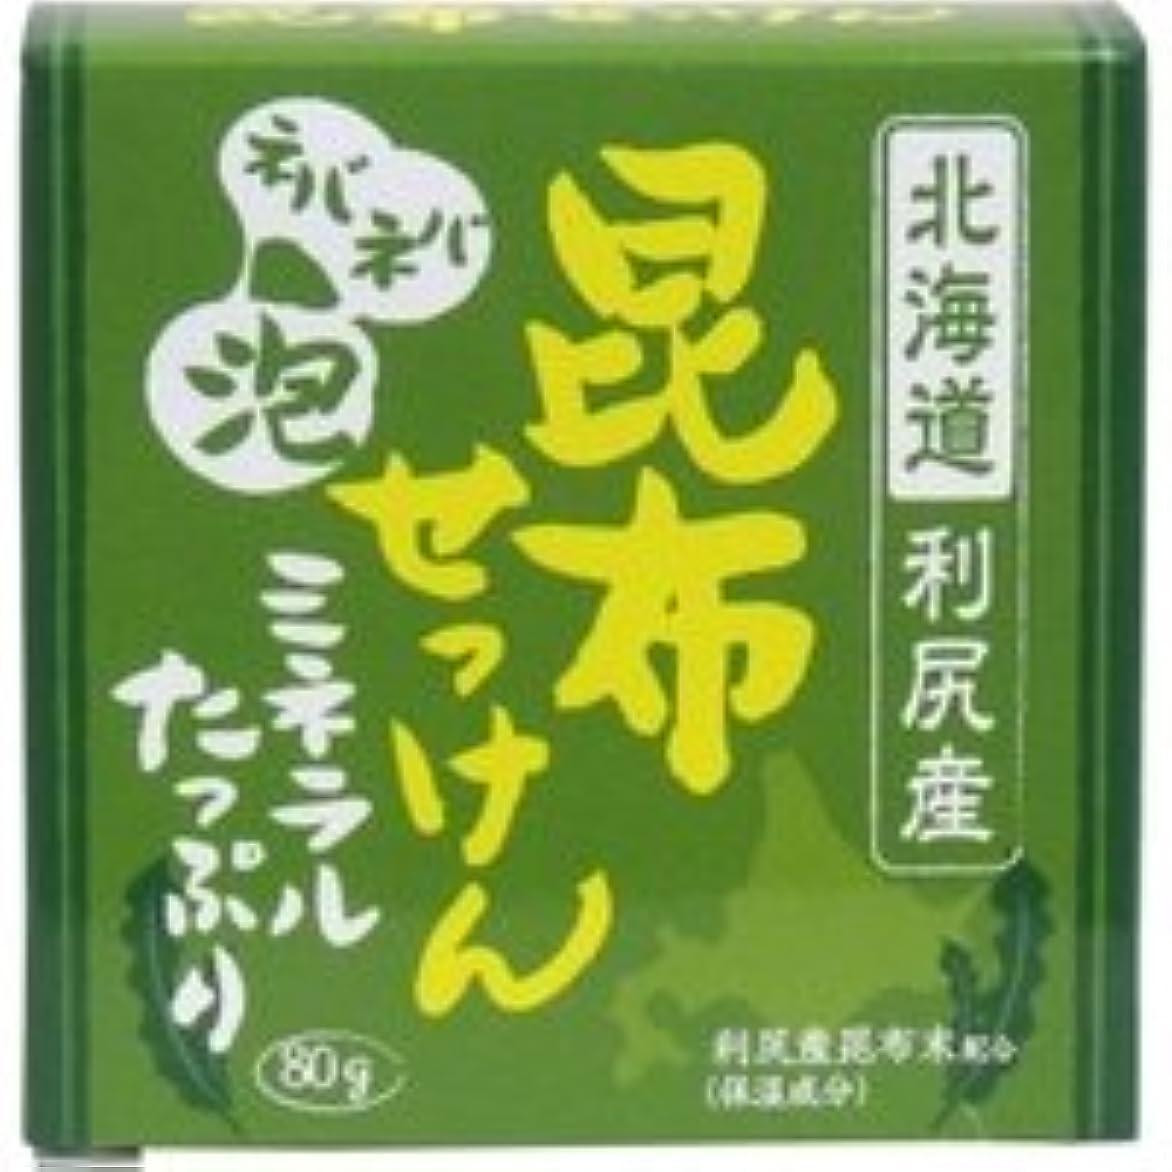 息苦しいウガンダラリー昆布せっけん80g(北海道利尻産)